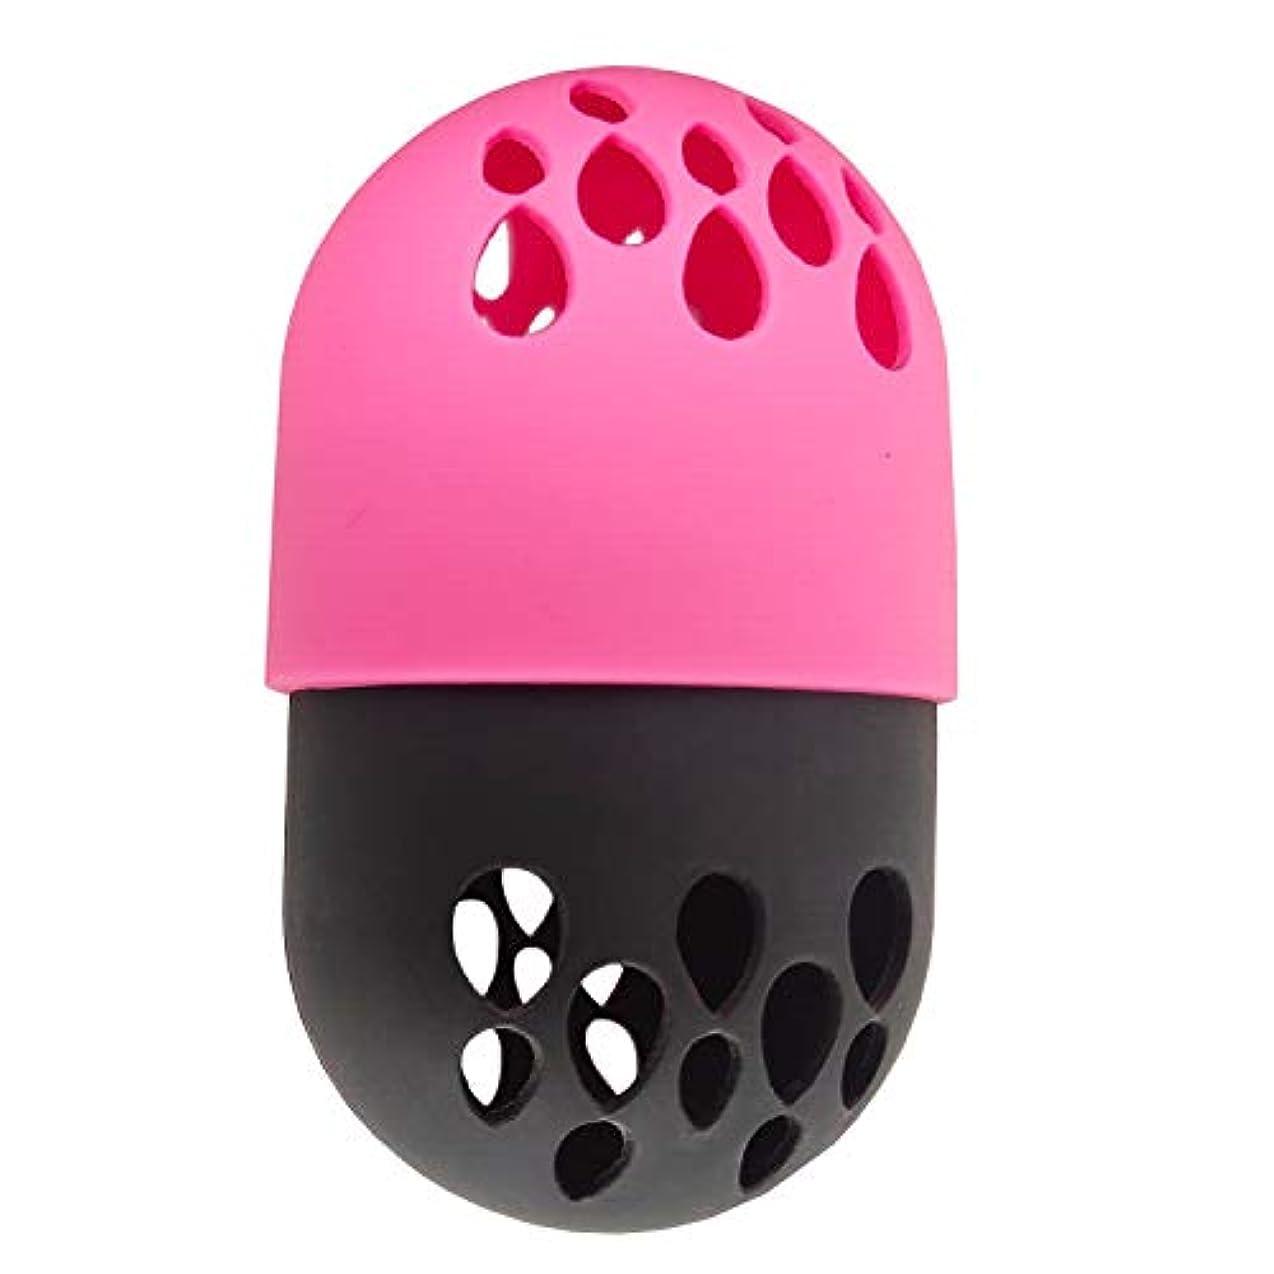 マイクロプロセッサ私たちのもの旅行美容スポンジ収納ケース、通気性を柔らか美容スポンジ シリコン旅行 キャリングケース、小型軽量 あらゆる化粧スポンジ適用 (ピンク)